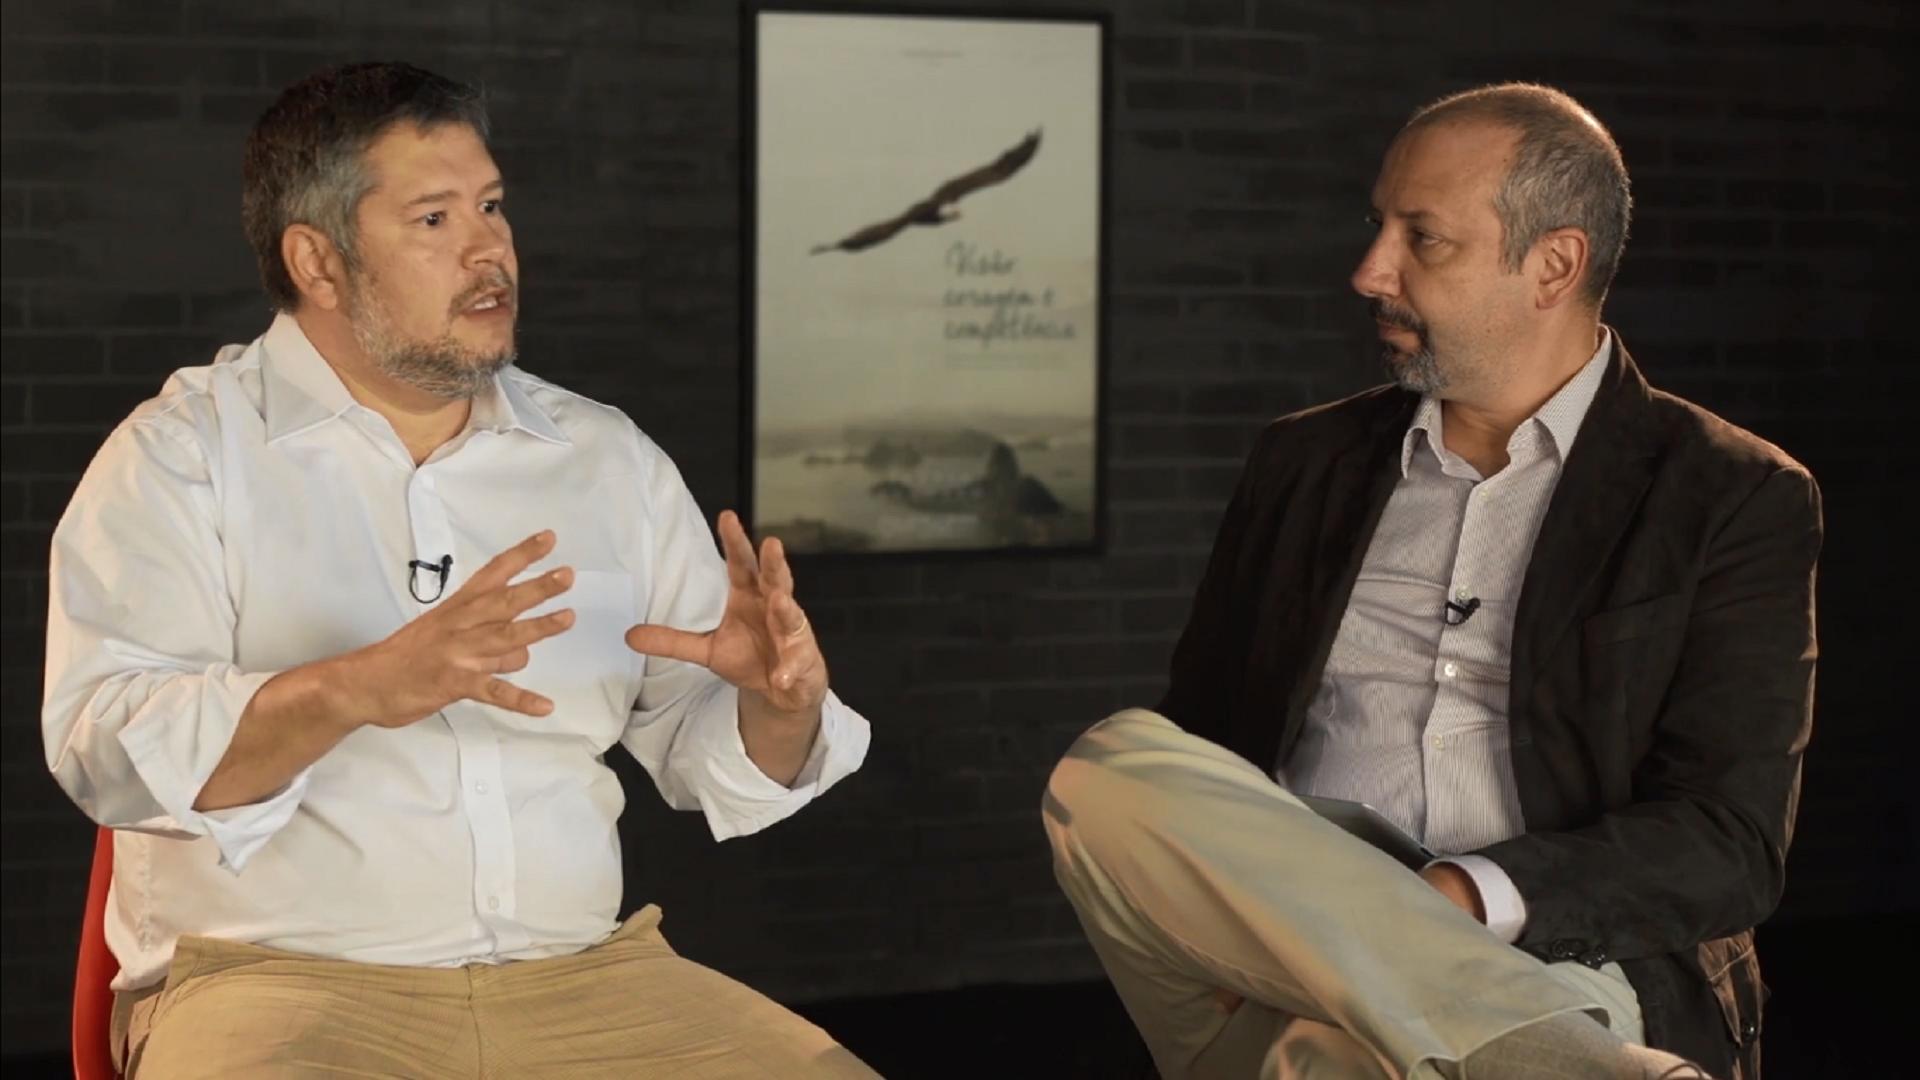 De inovação a empreendedorismo: 3 entrevistas essenciais para quem empreende